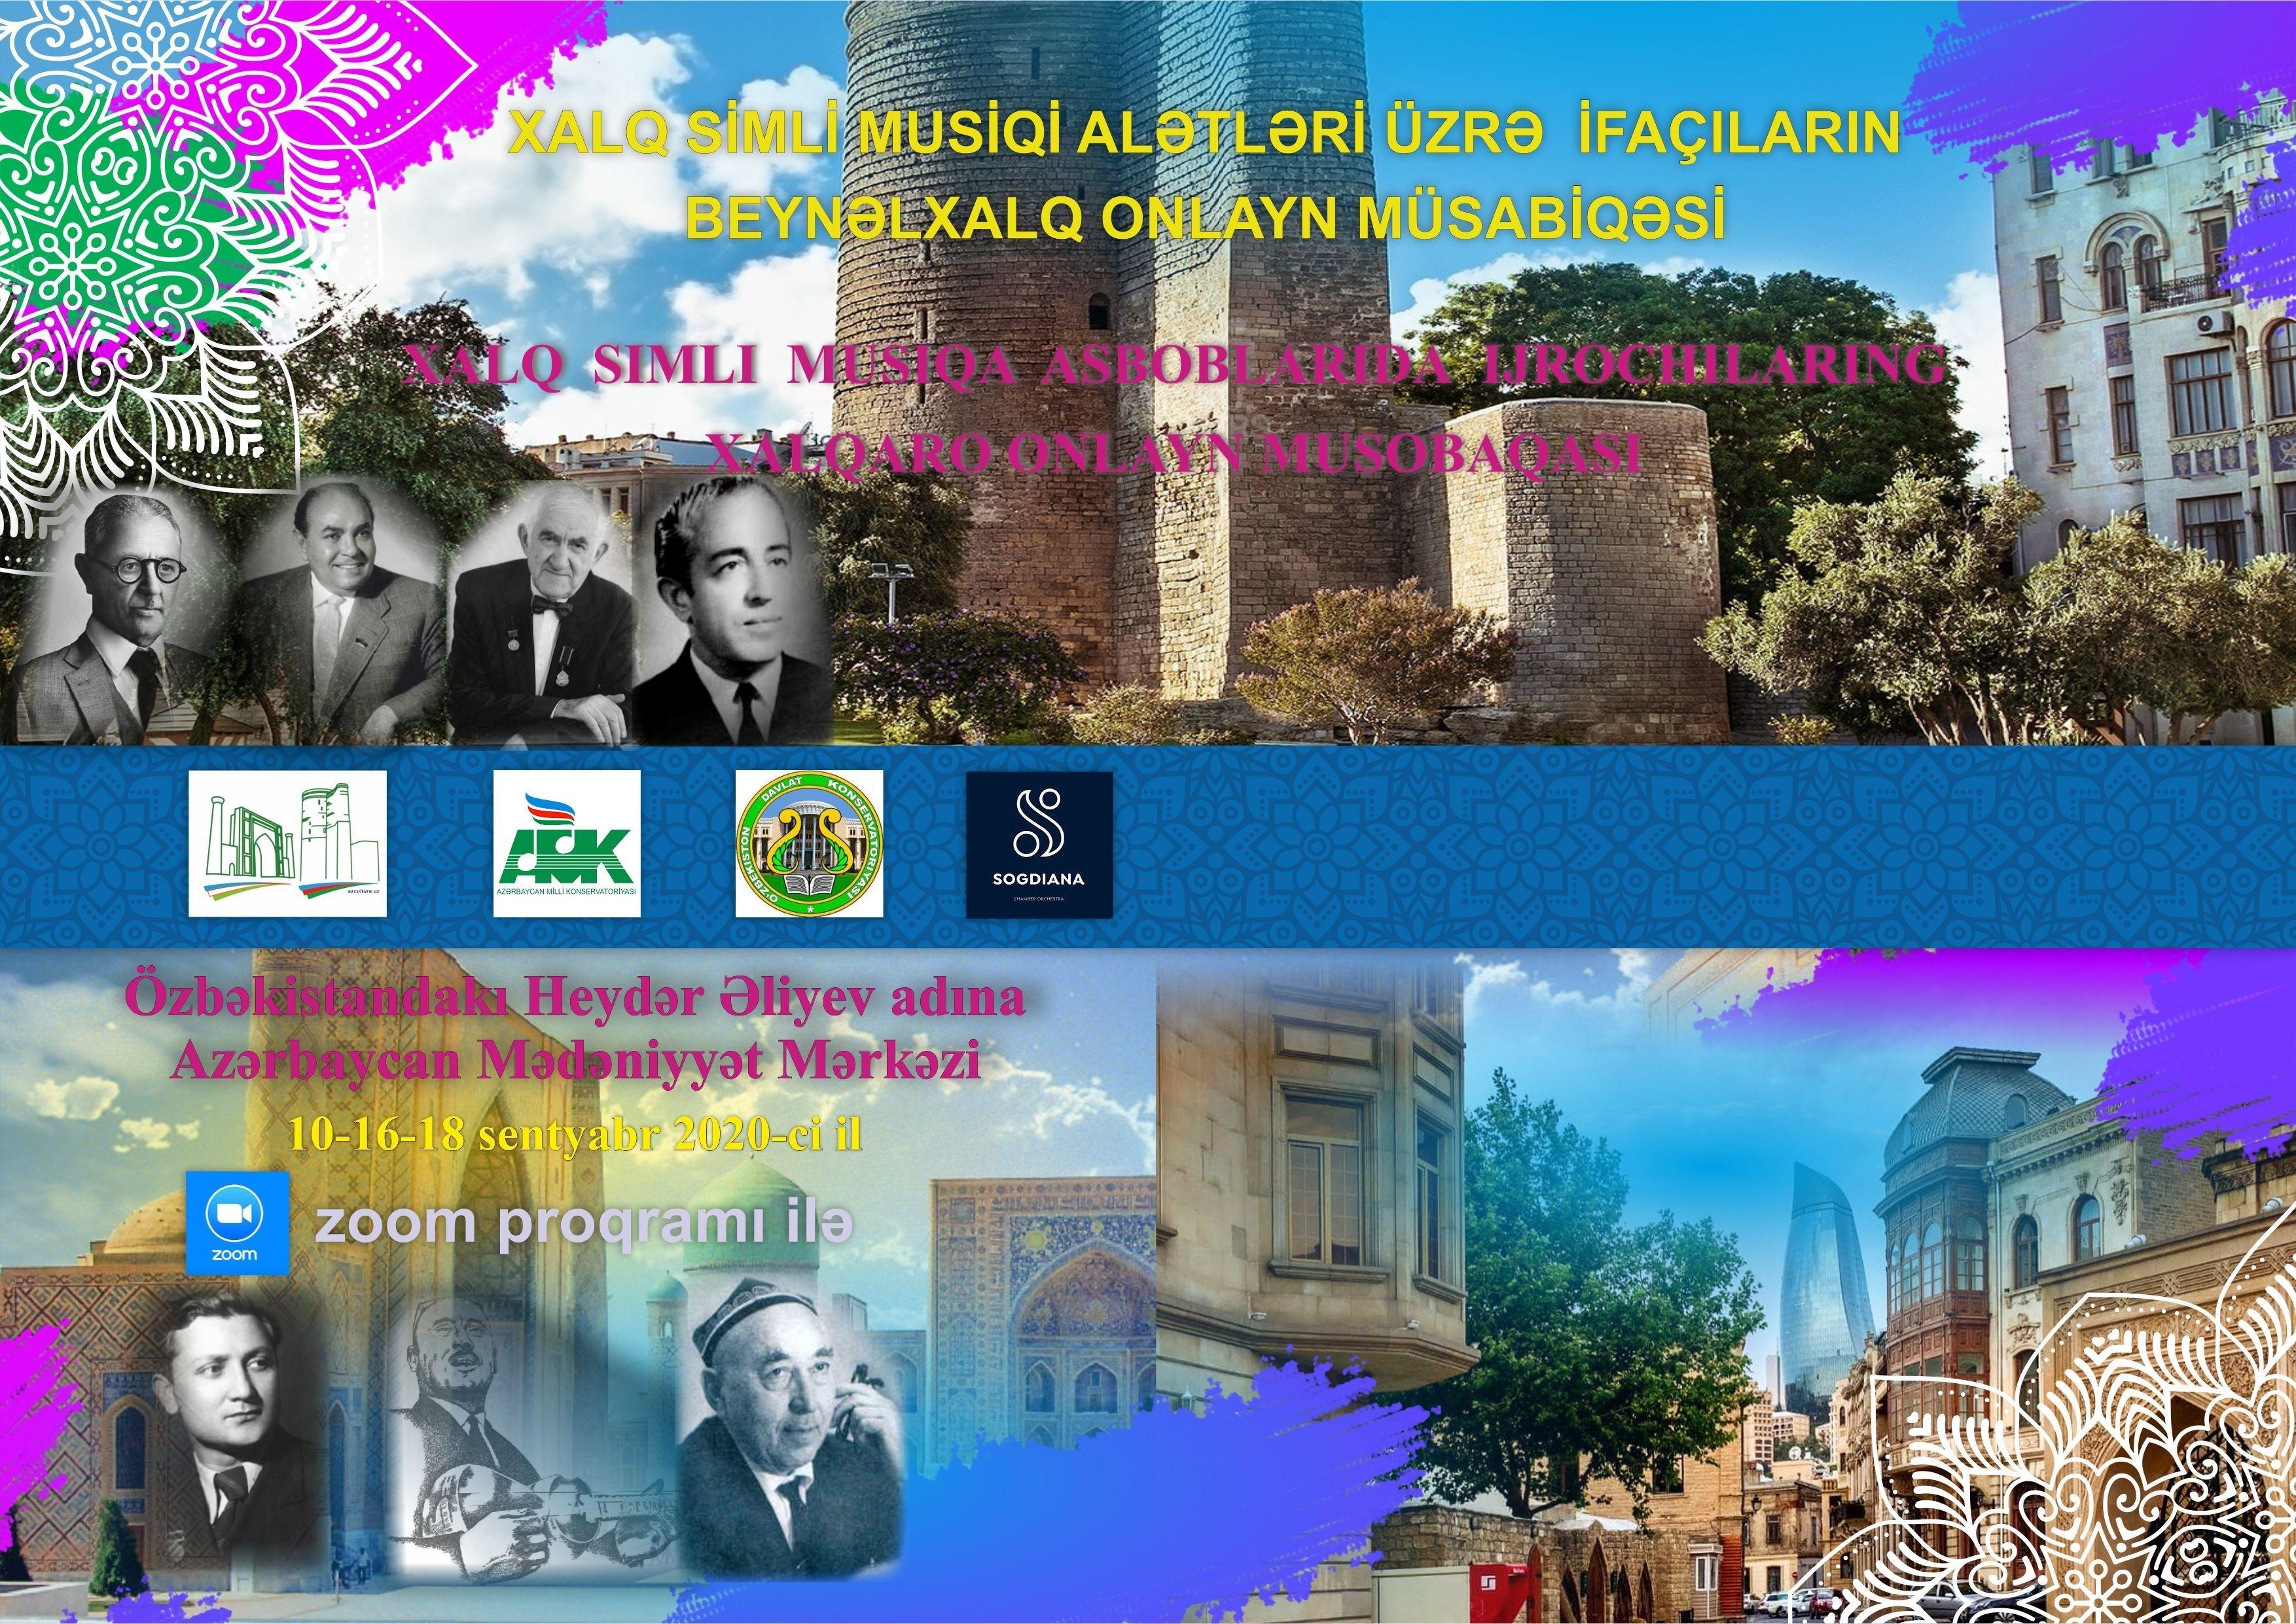 Между Азербайджаном и Узбекистаном состоится Международный онлайн - конкурс исполнителей на народных струнных музыкальных инструментах.